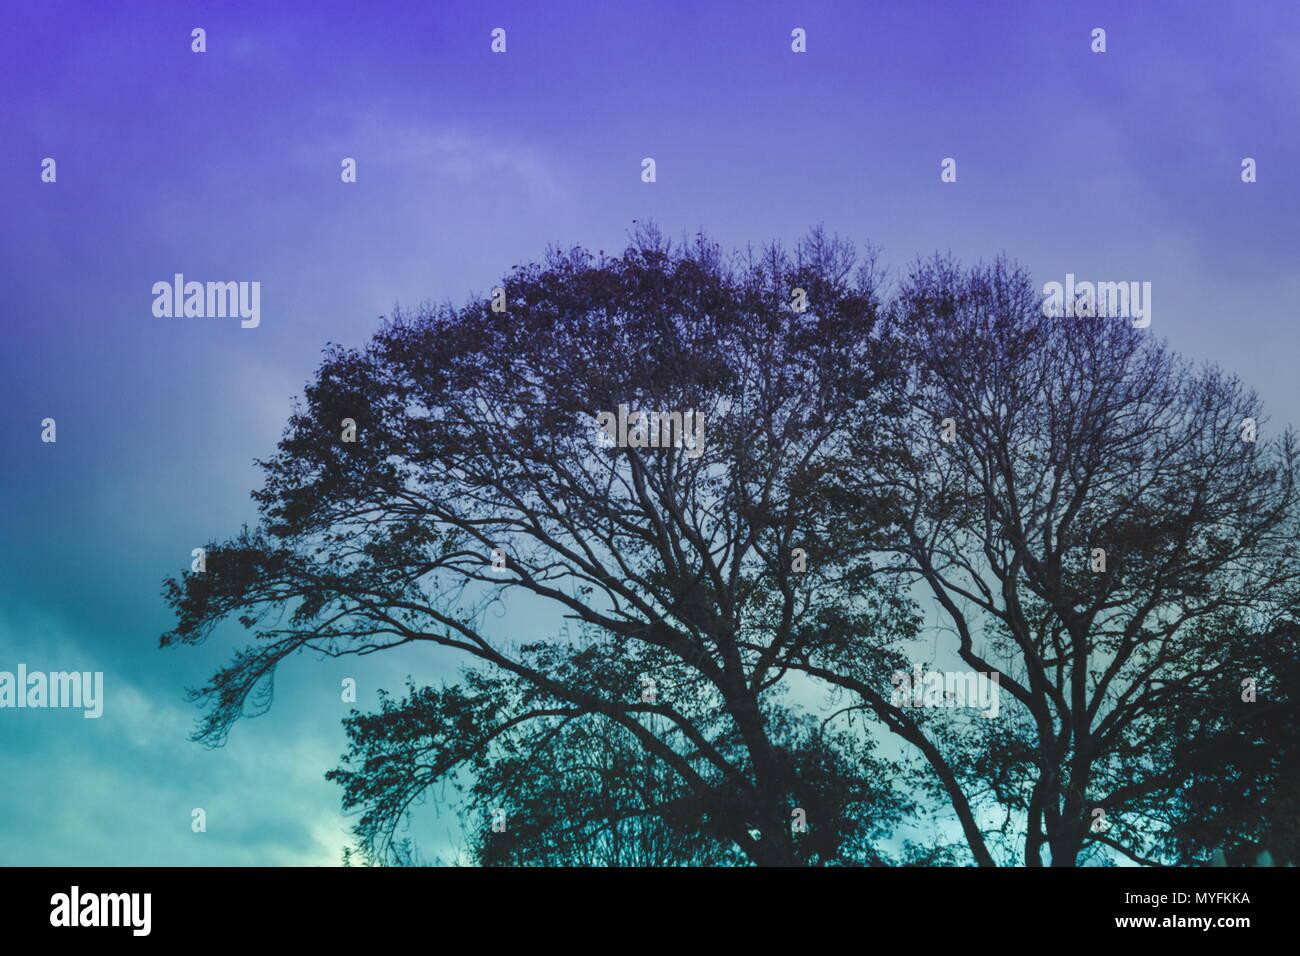 Immagine di panorama di un albero stagliano contro un viola e cielo turchese al crepuscolo. Immagini Stock